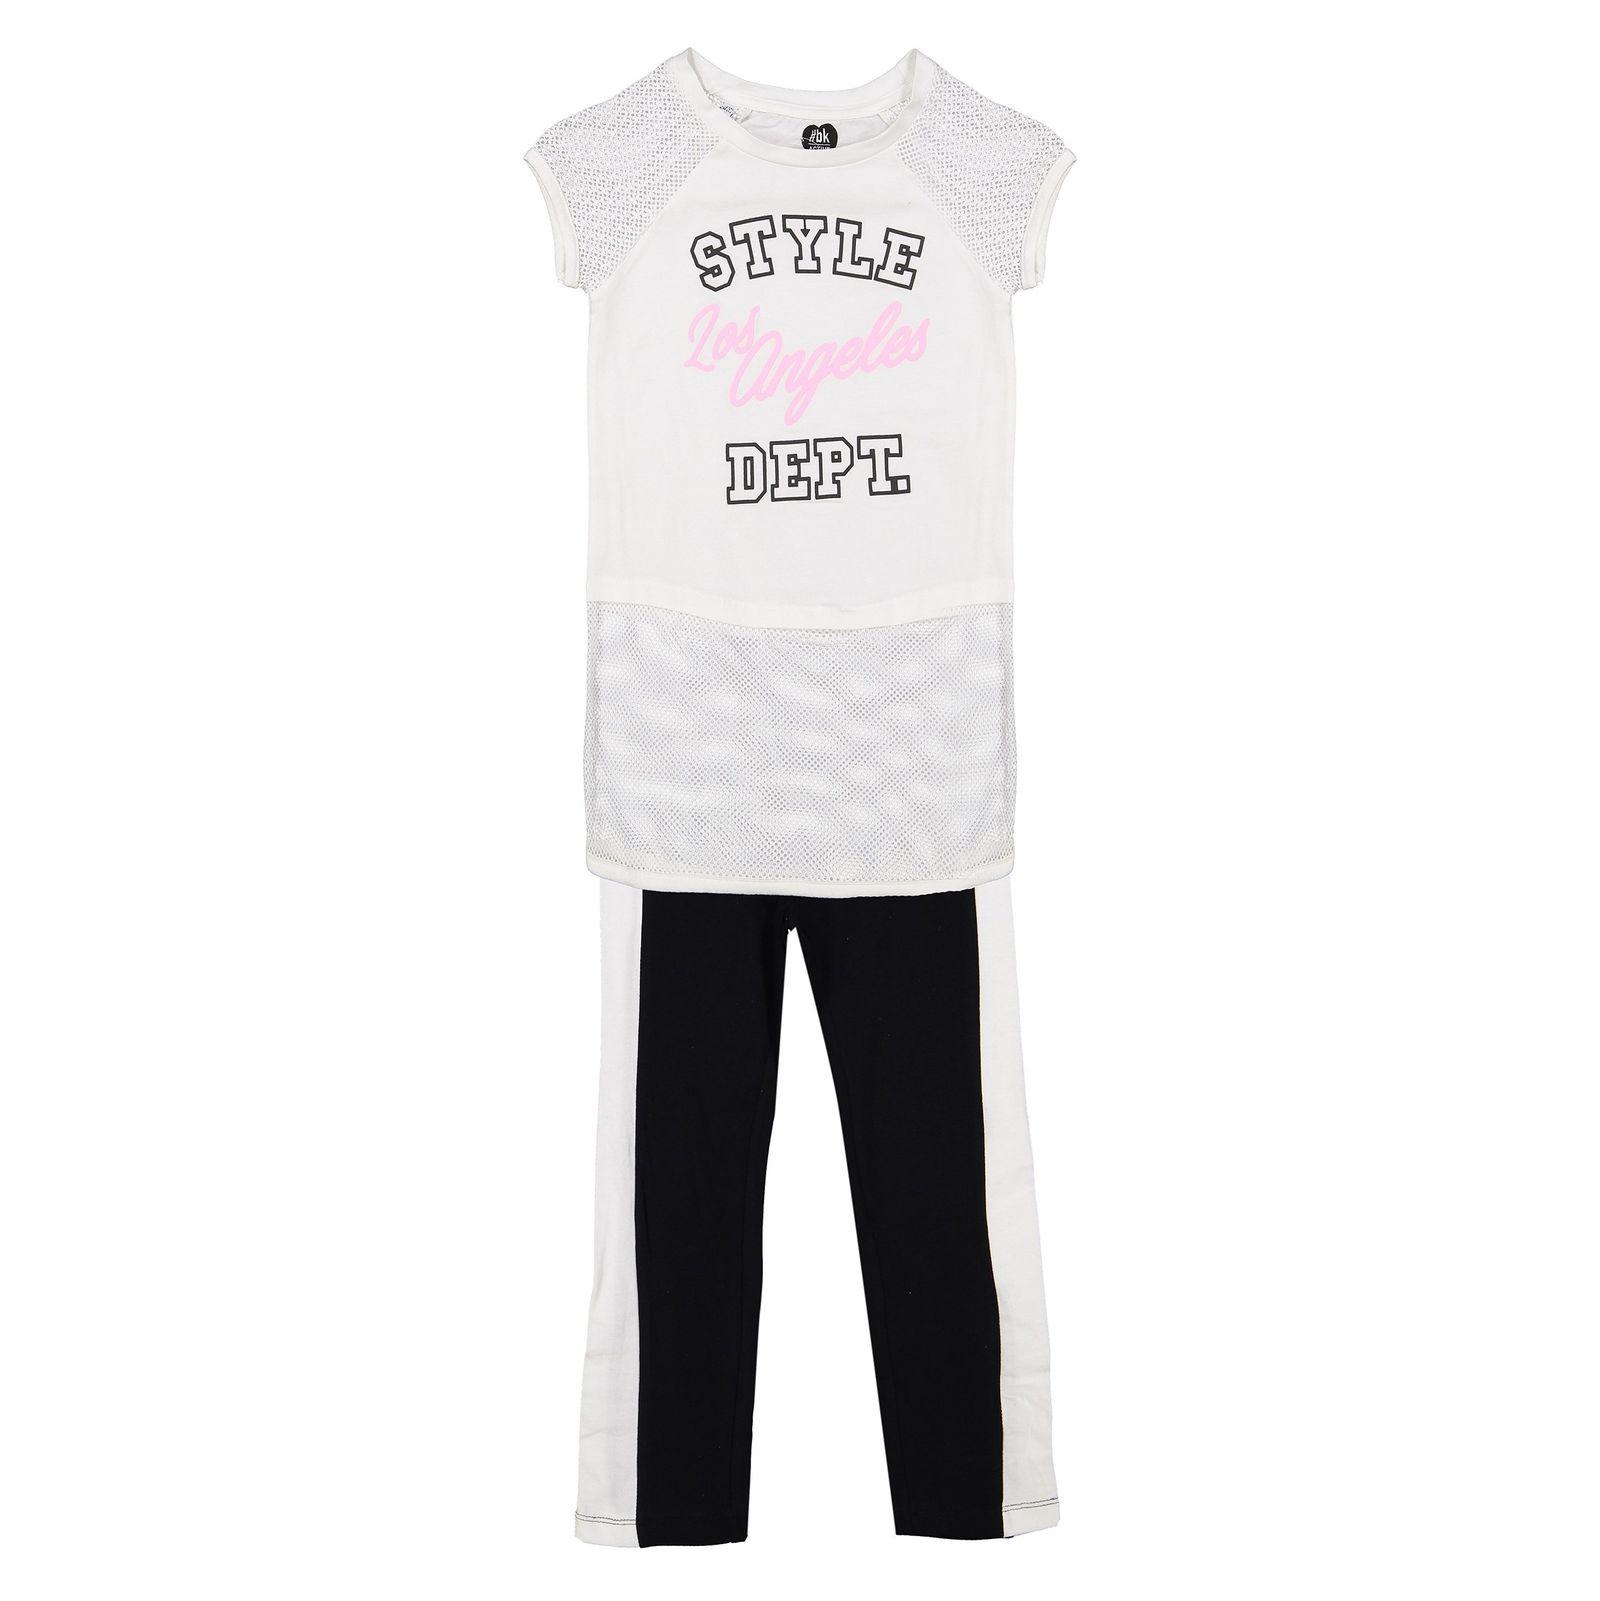 تی شرت و شلوار دخترانه - بلوکیدز - سفيد/مشکي - 1